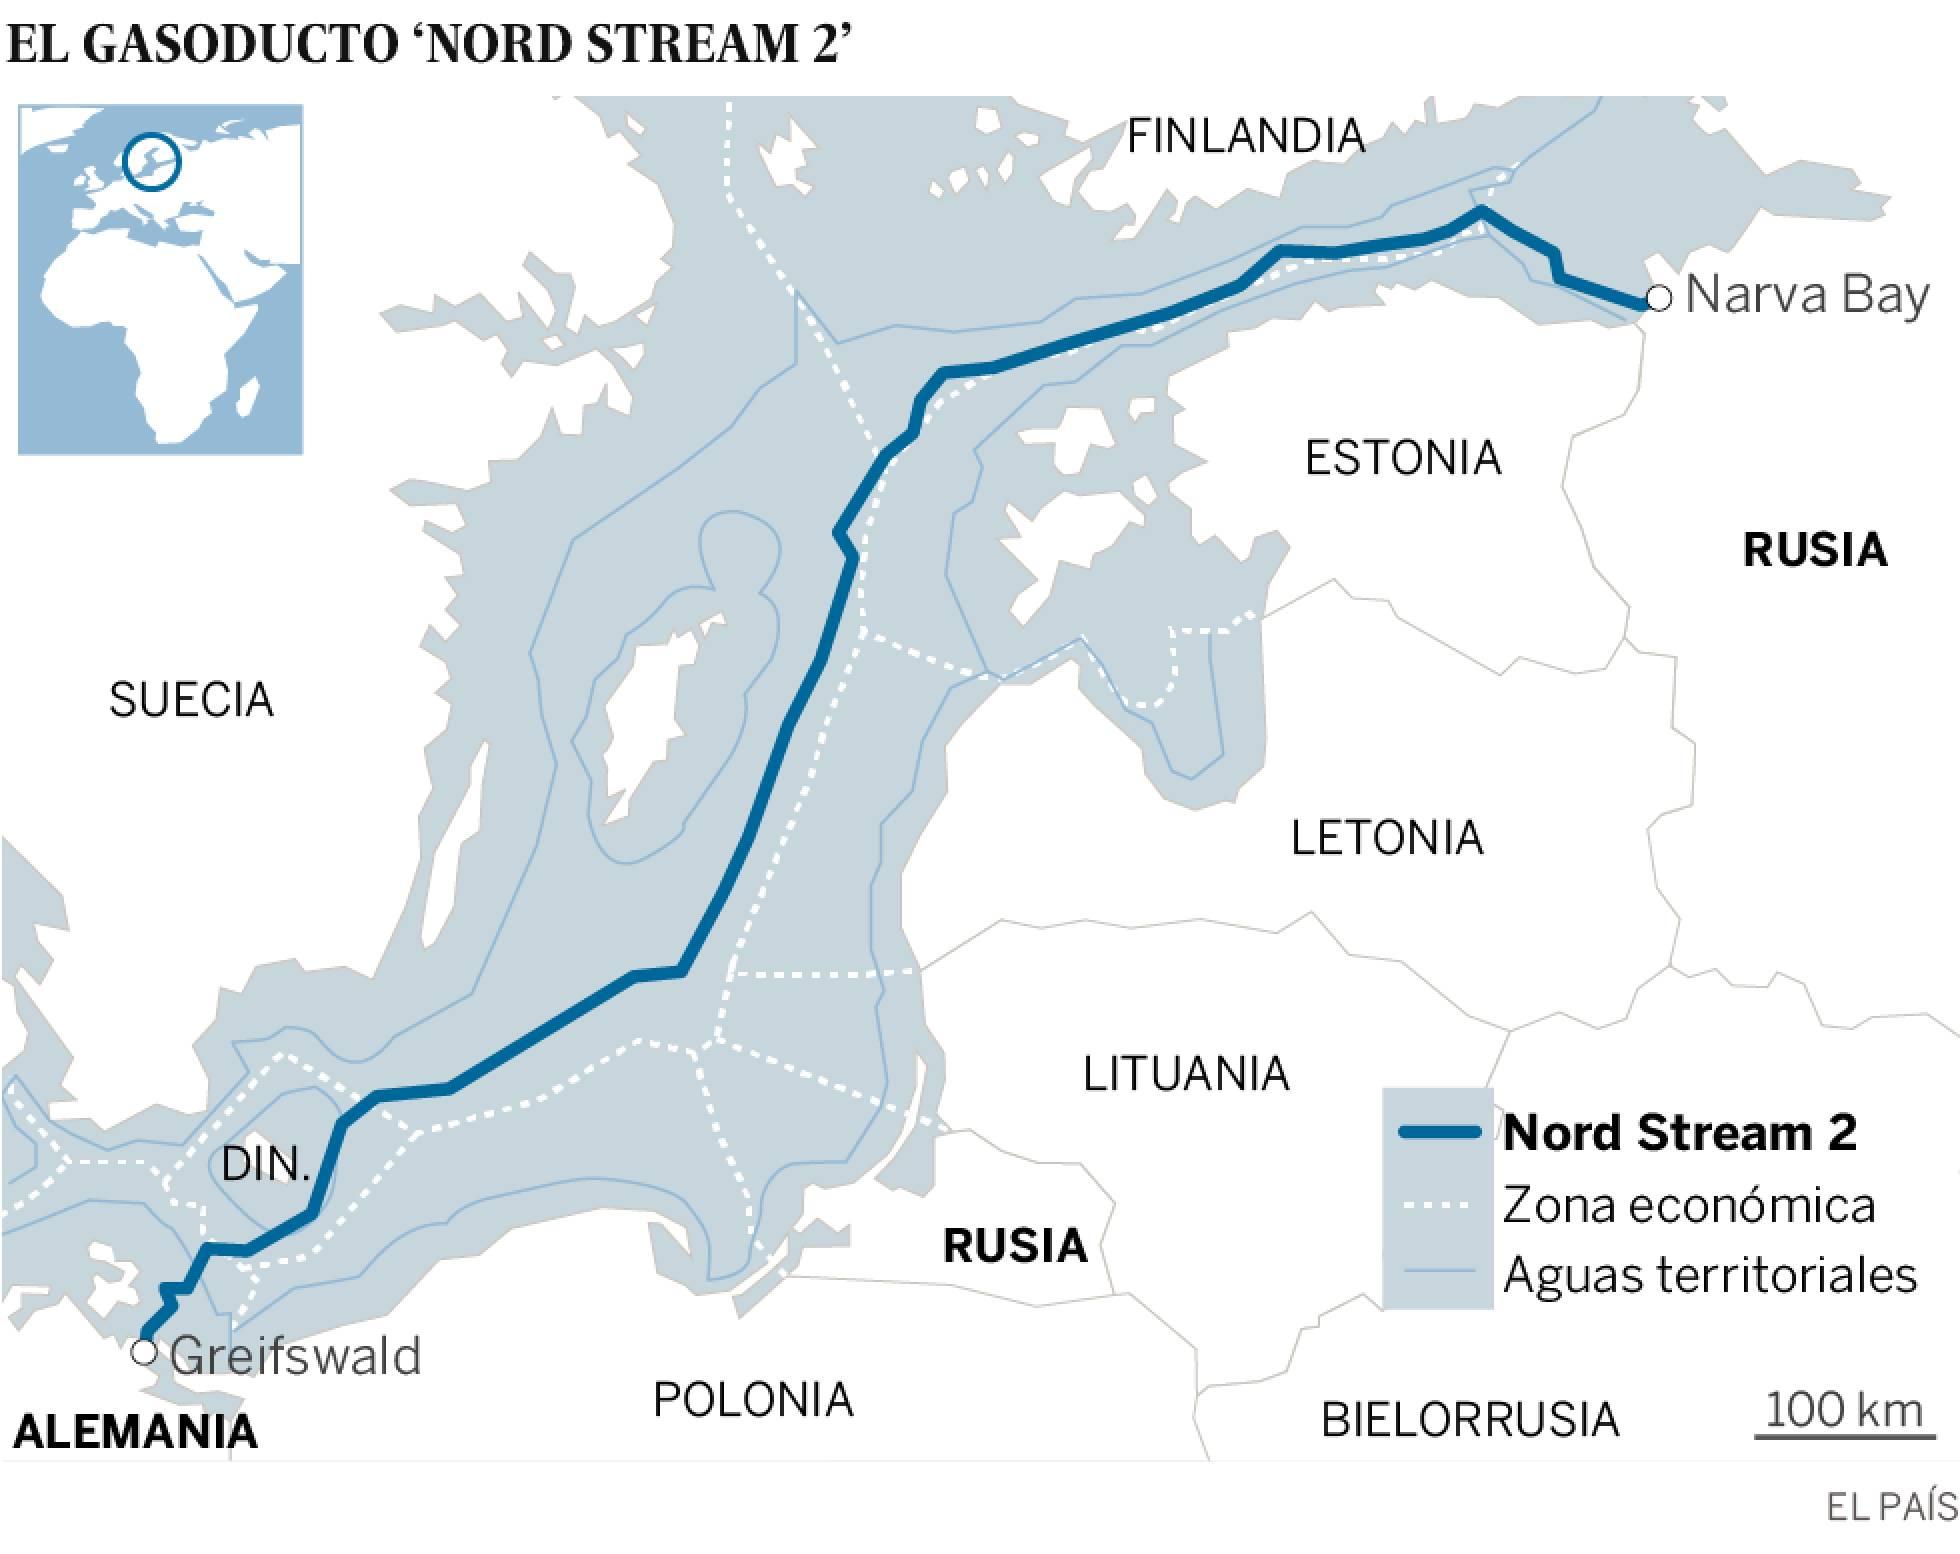 nacional - Dependencia Europea del gas Ruso en conflicto por su paso por Ucrania - Página 2 1489659802_668419_1490687568_sumario_normal_recorte1